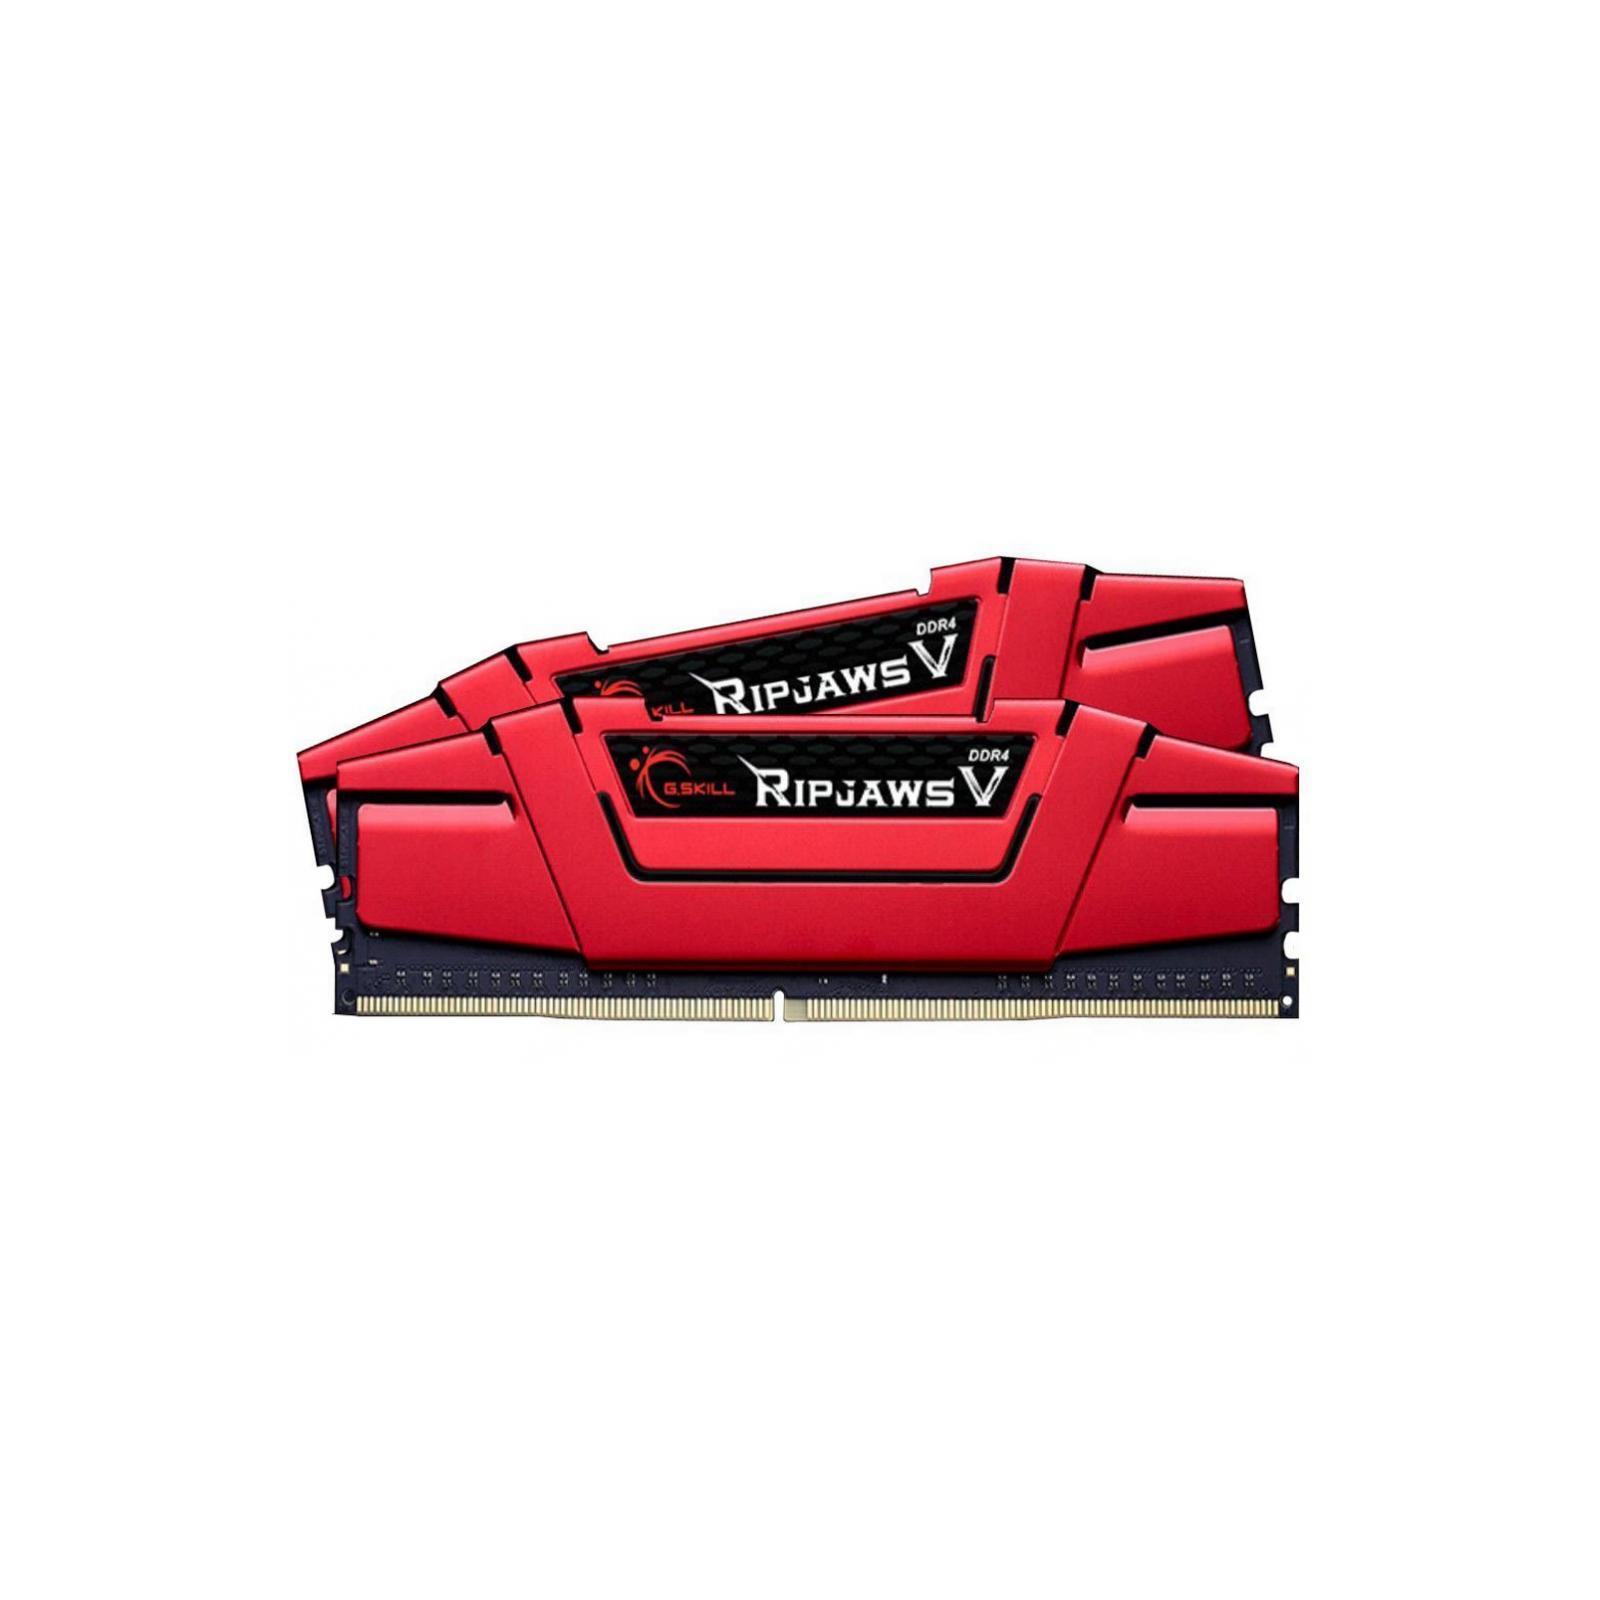 Модуль памяти для компьютера DDR4 16GB (2x8GB) 2400 MHz RipjawsV Red G.Skill (F4-2400C17D-16GVR) изображение 2